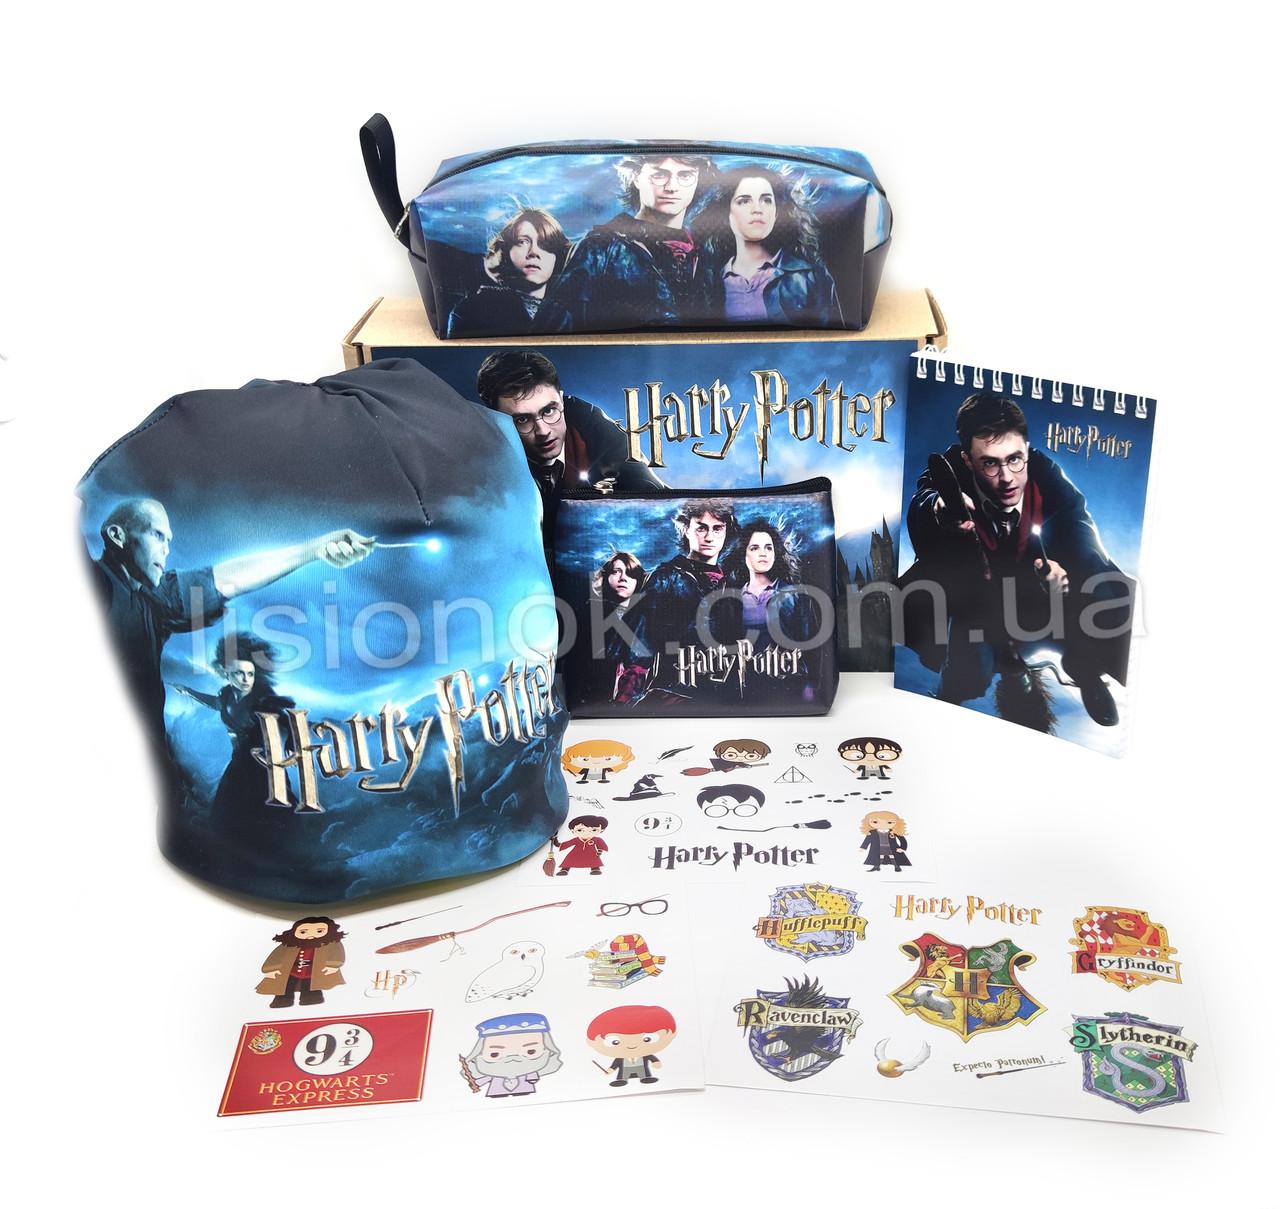 Бокс Гарри Поттер с шапкой (пенал, блокнот, кошелек, наклейки, шапка) – отличный подарок любителям книги Harry